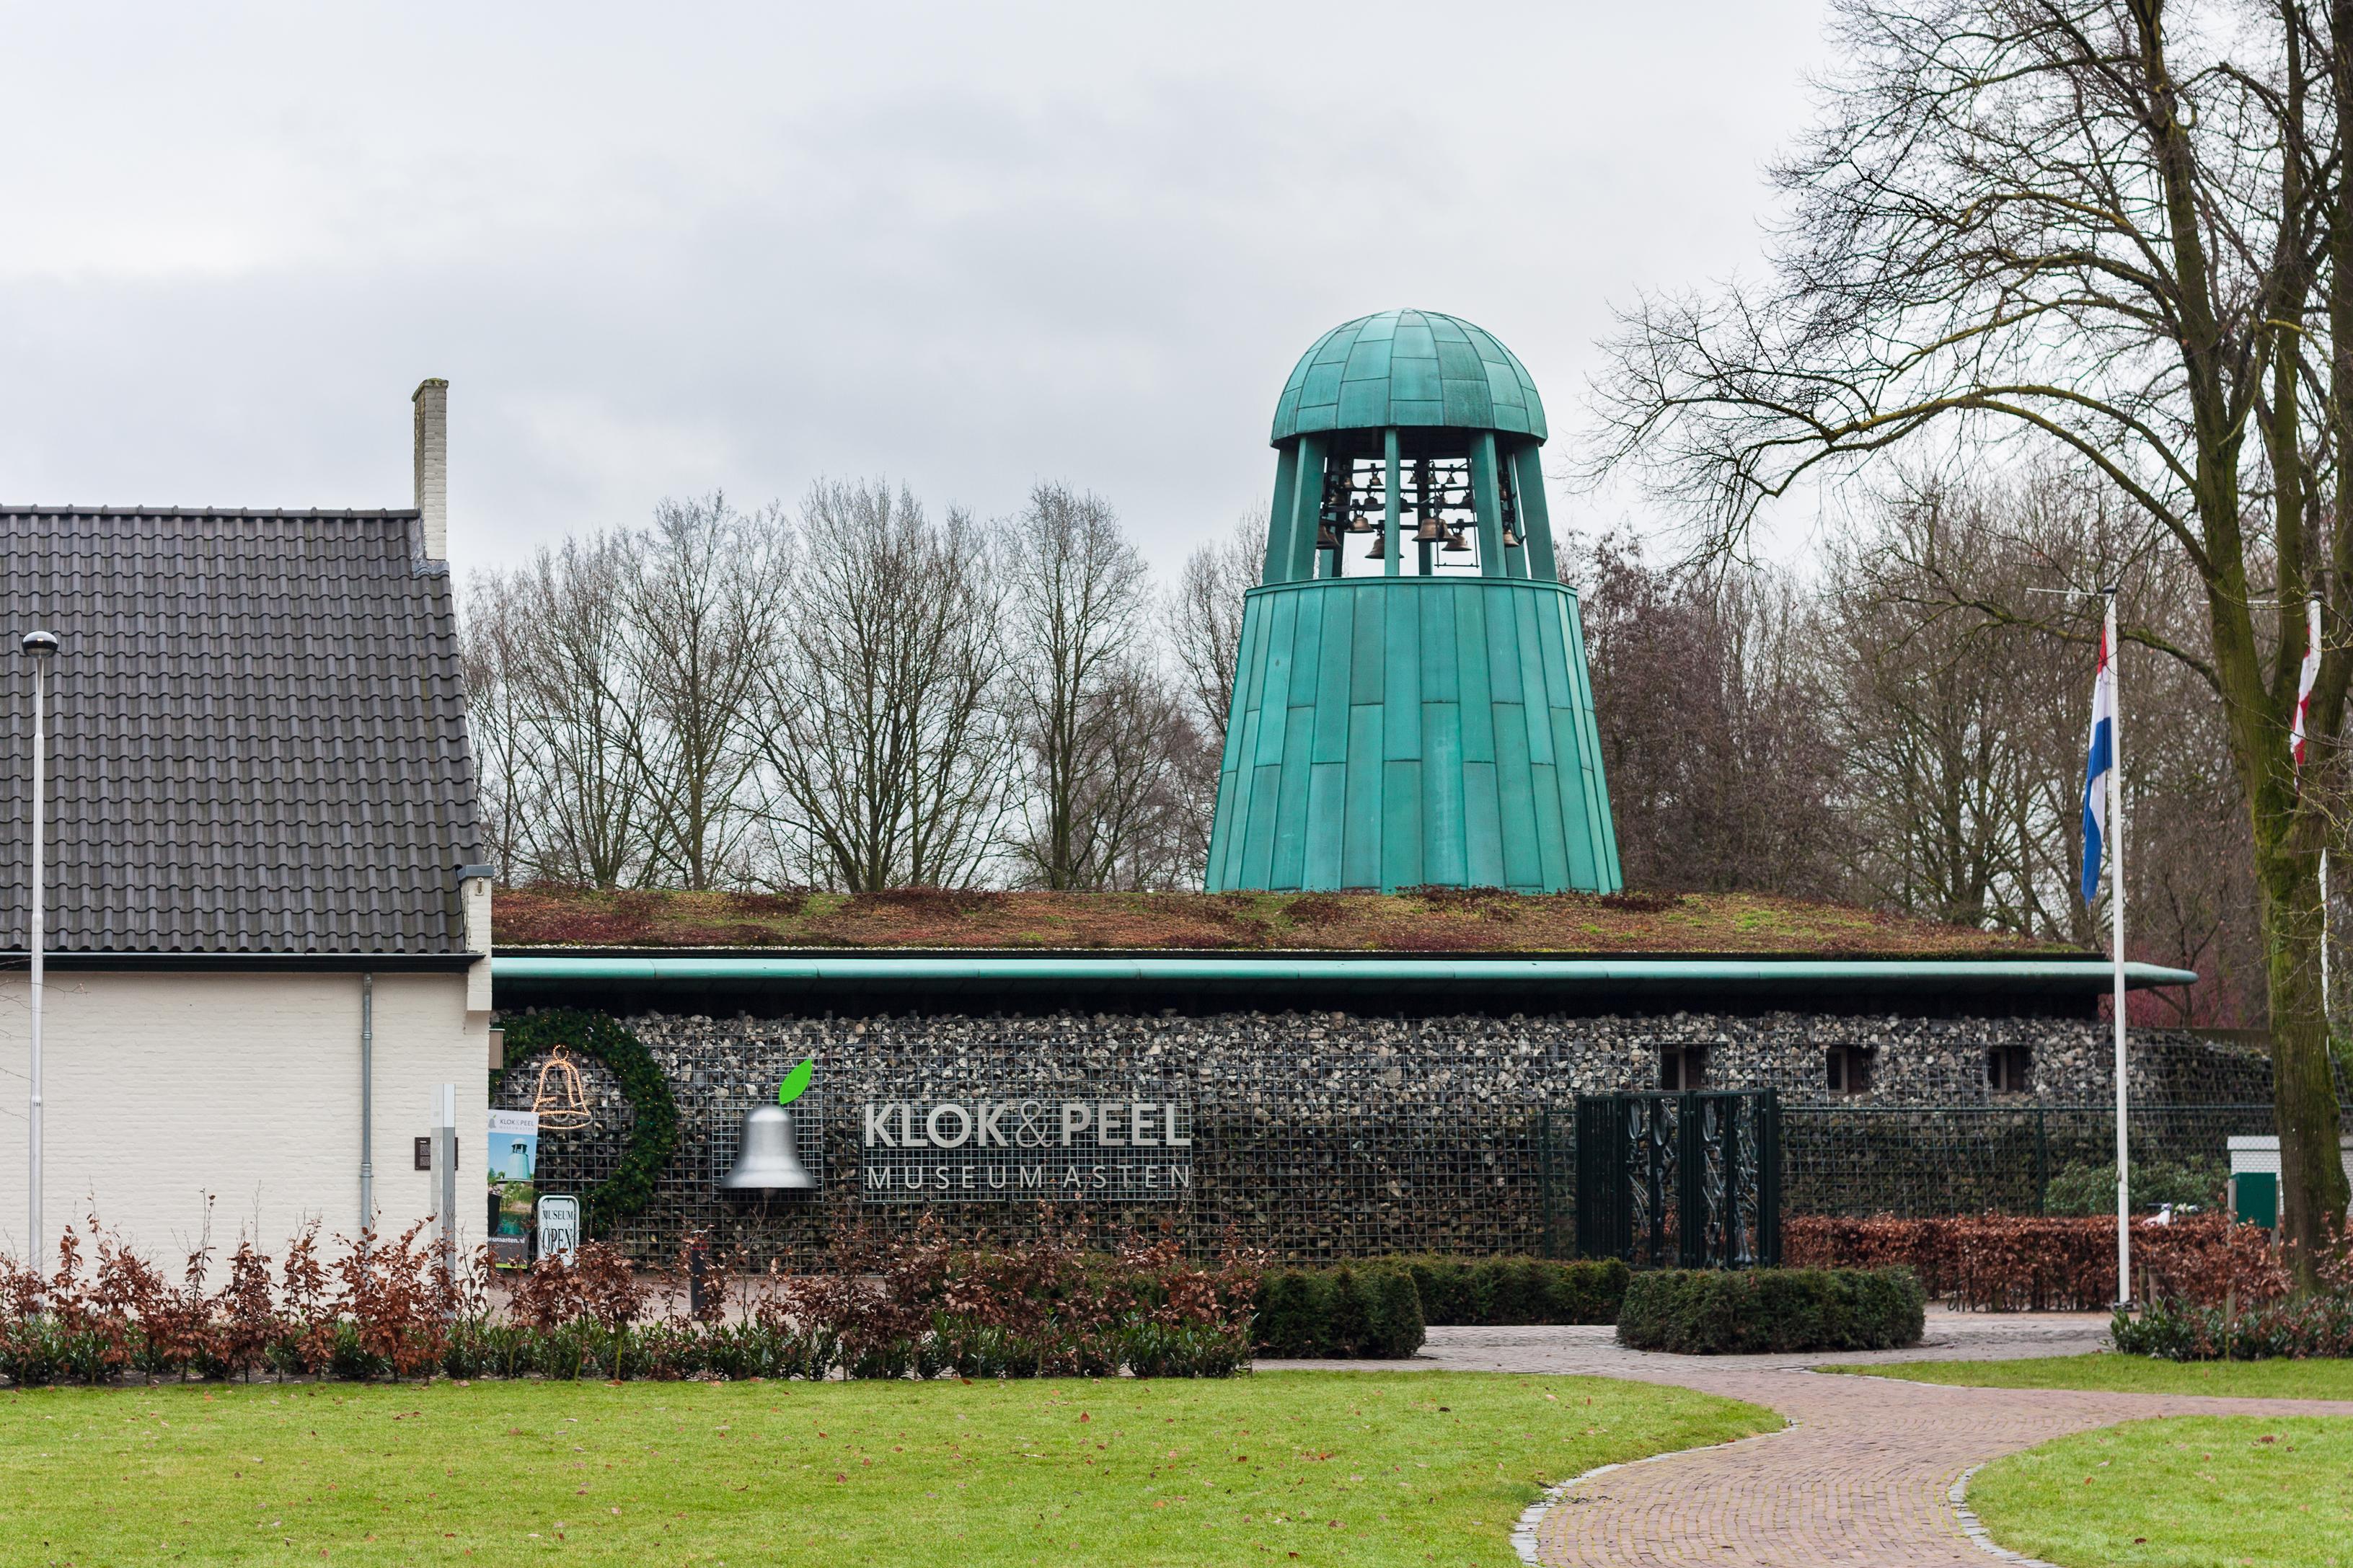 Noord-Brabant Klok & Peel museum Asten